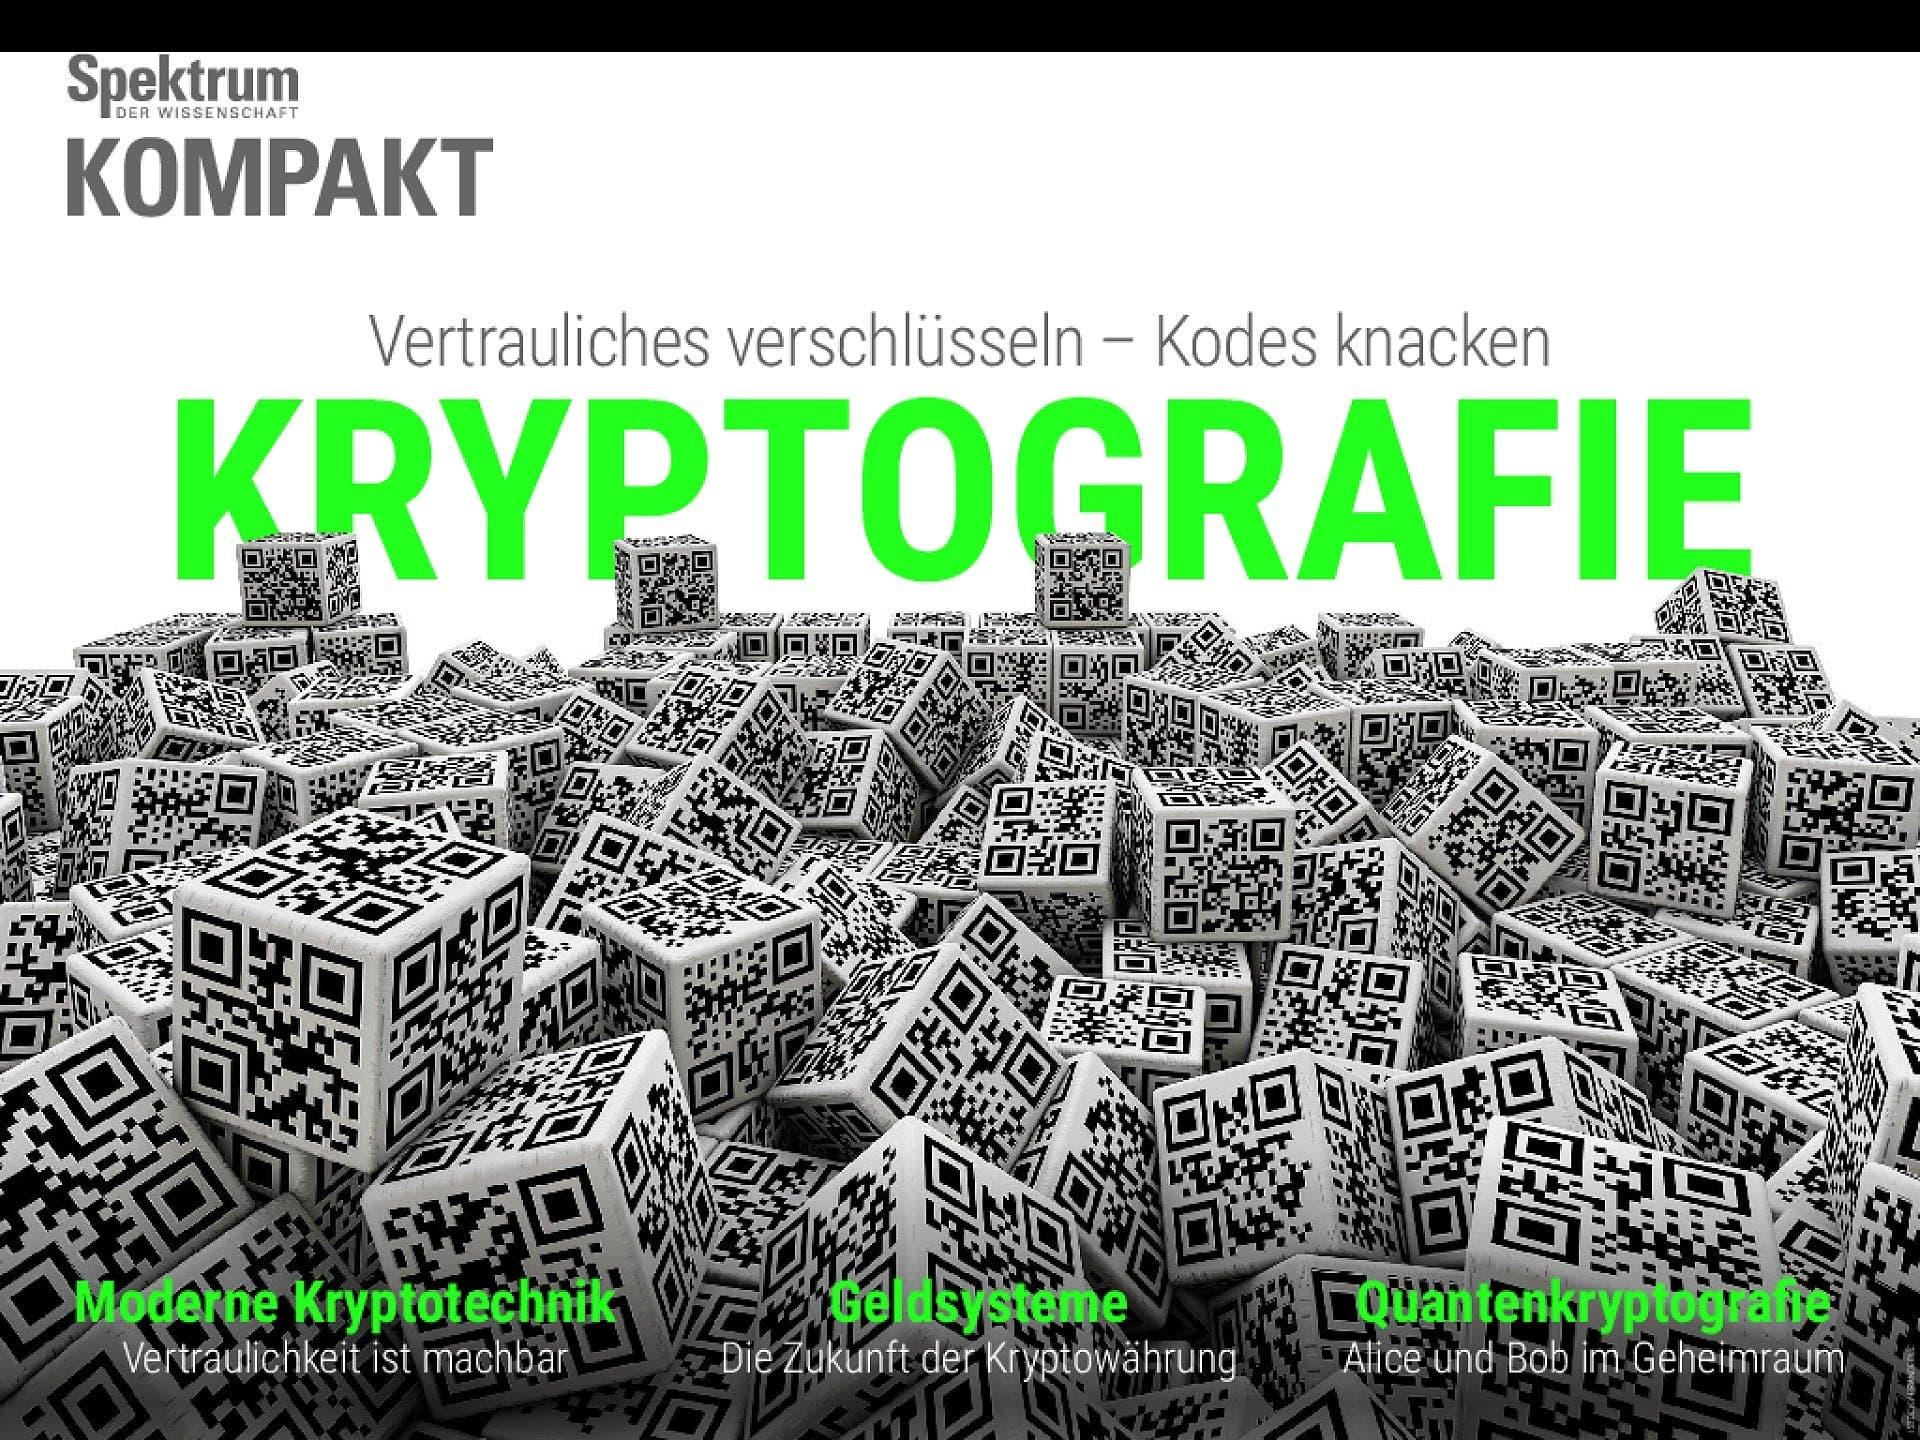 Kryptografie - Vertrauliches verschlüsseln, Kodes knacken